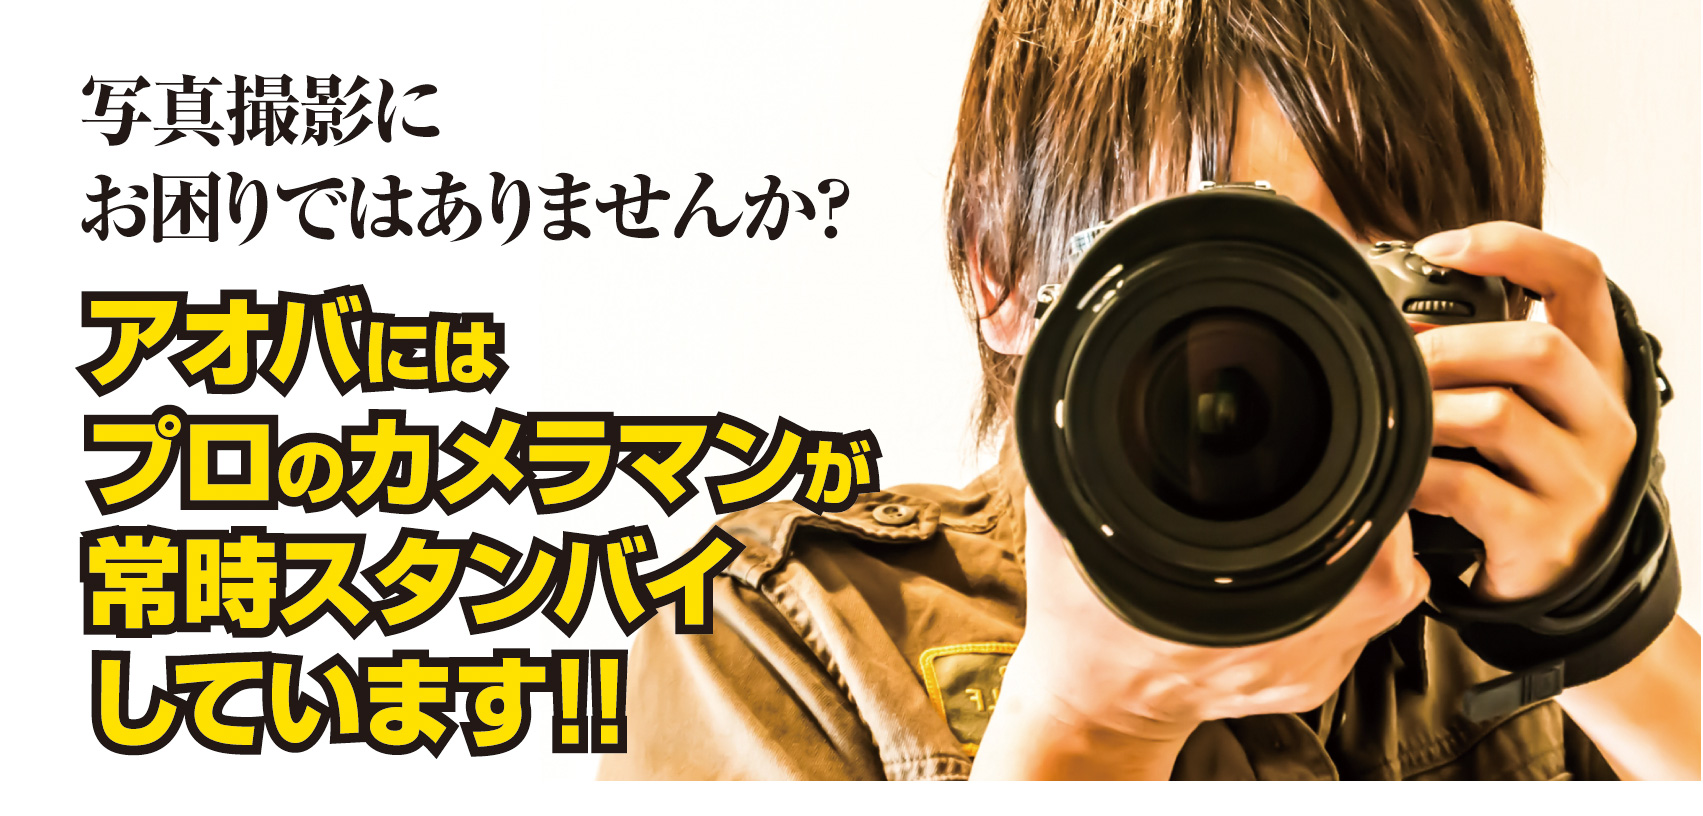 青葉にはプロのカメラマンが常時スタンバイしています。